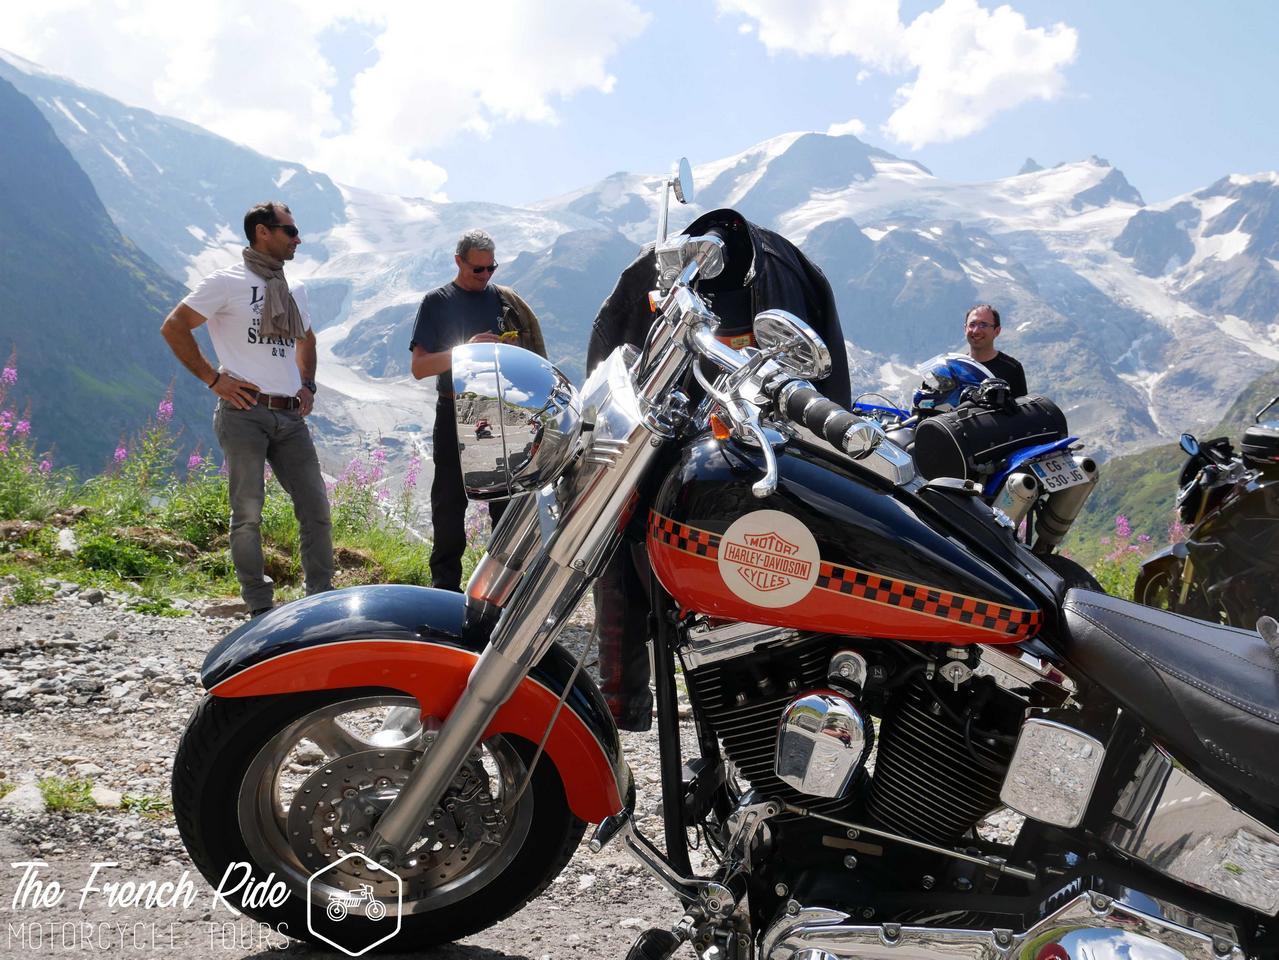 balades, itinéraire grand tour des alpes à moto, road trip et location moto dans les Alpes, col du Stelvio, Gotthard, en Suisse, en France et en Italie.